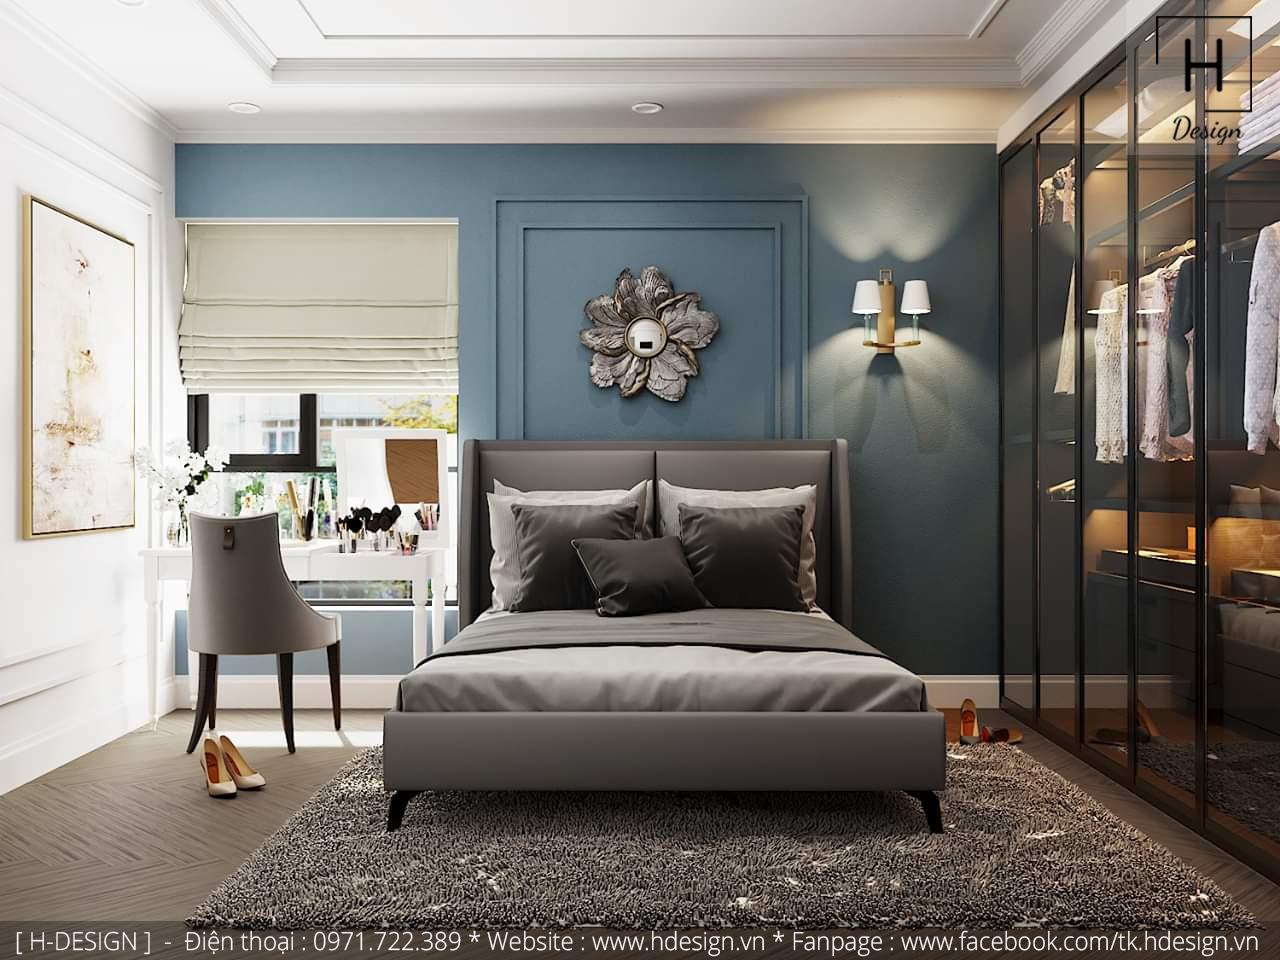 Thiết kế thi công nội thất chung cư D'Capital 13